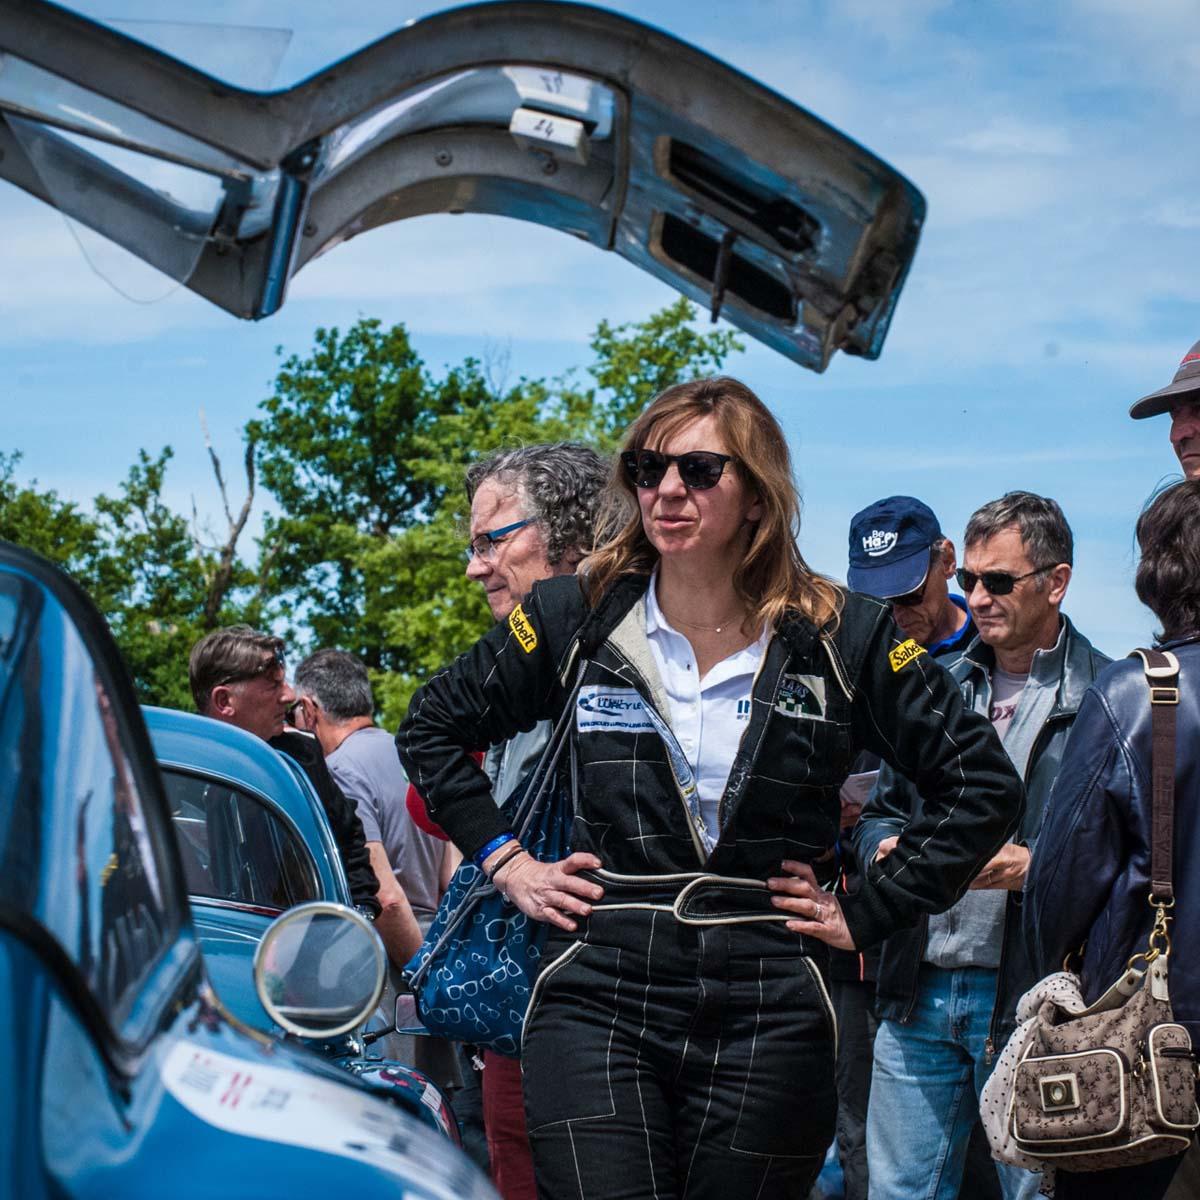 La Cote des Montres : Photo - Zenith Tour Auto Optic 2000 – Étape 5 : Toulouse - Biarritz (29 avril)